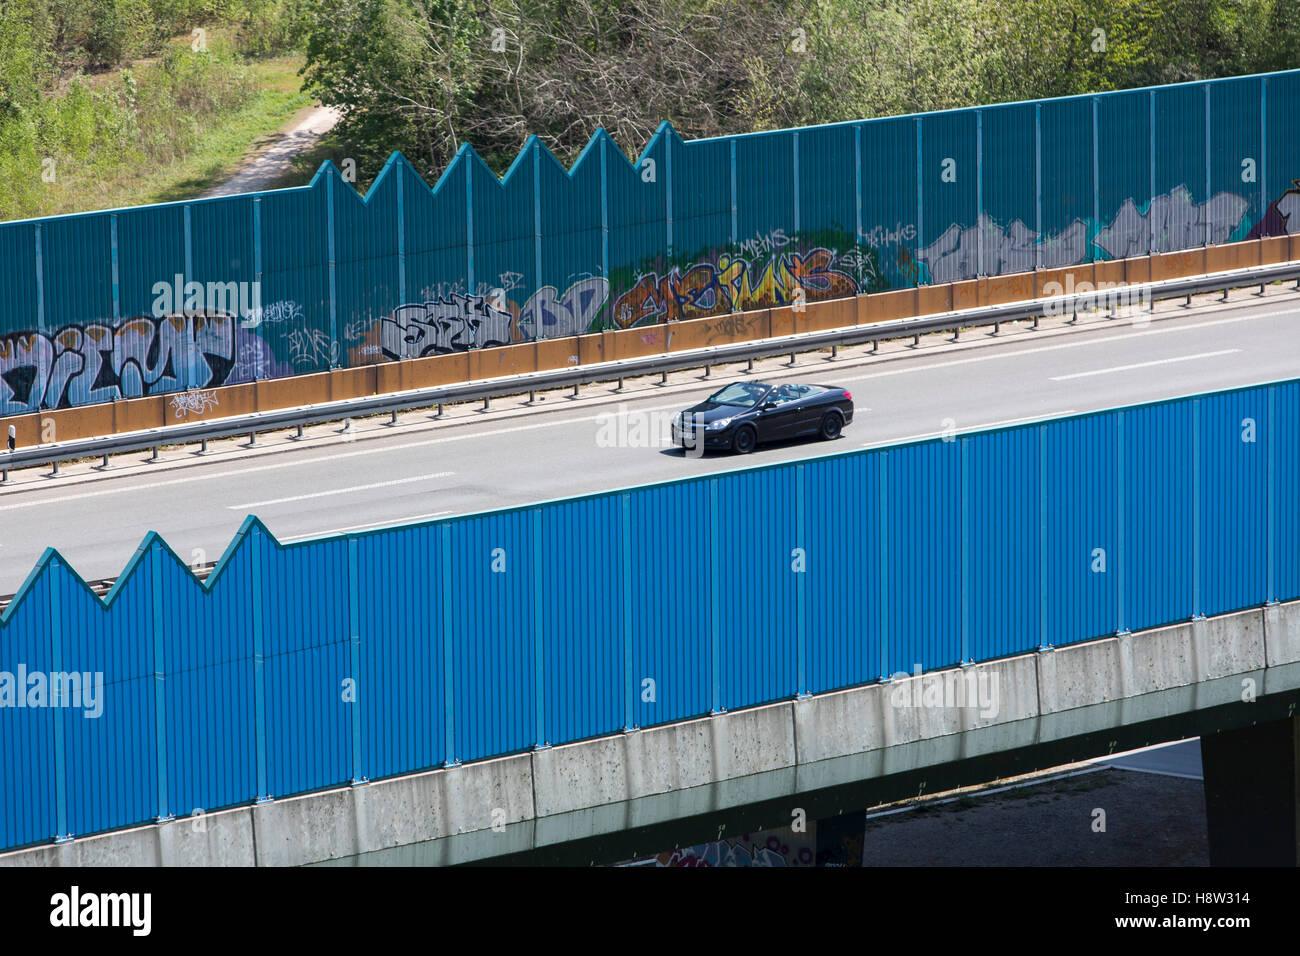 Bundesstraße B 236, bei Dortmund, Straßenbrücke, eingesäumt von Lärmschutzwänden, - Stock Image